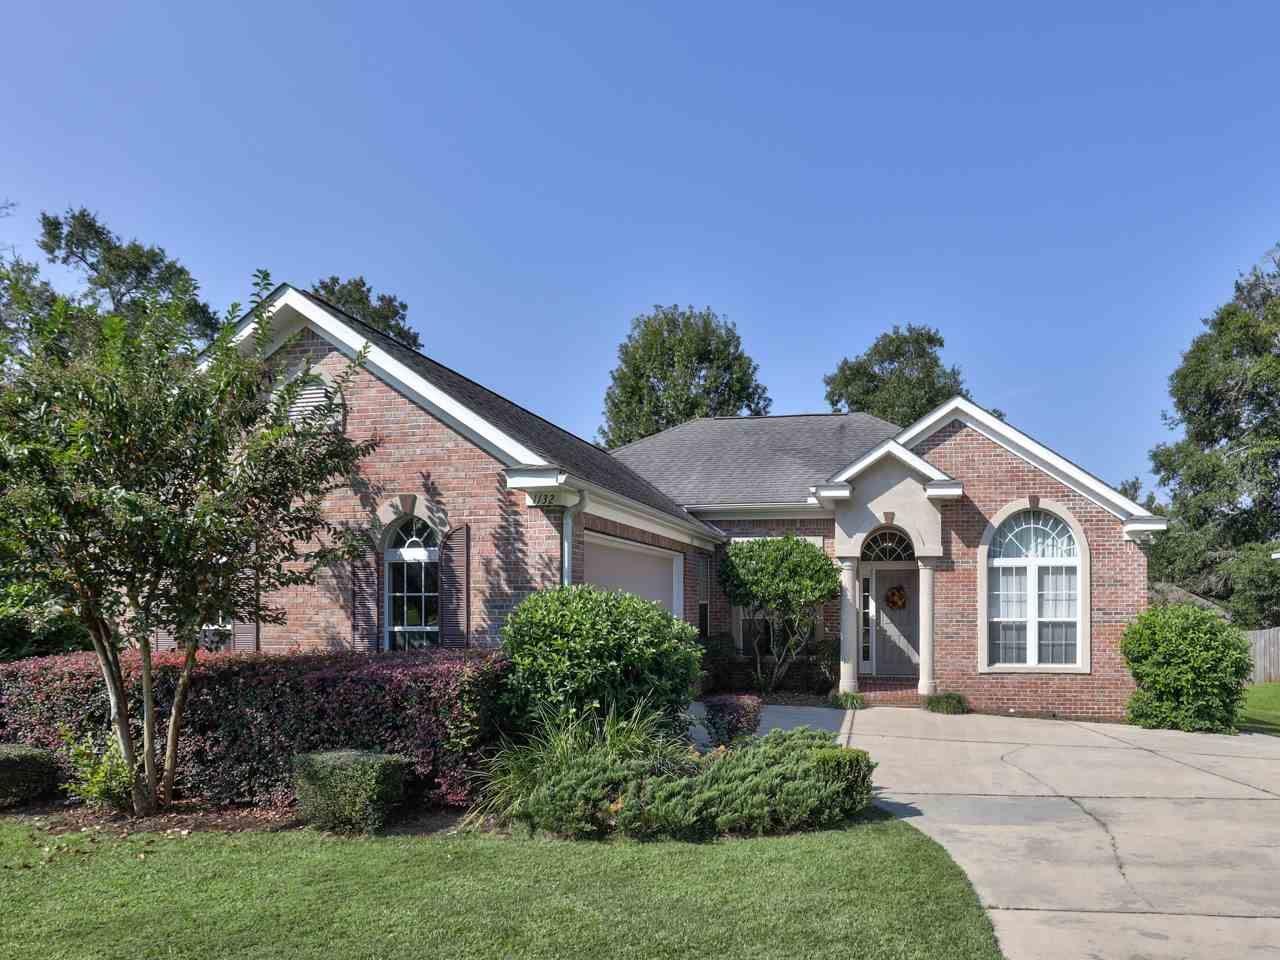 1132 Stoney Creek Way, Tallahassee, FL 32317 - MLS#: 324667